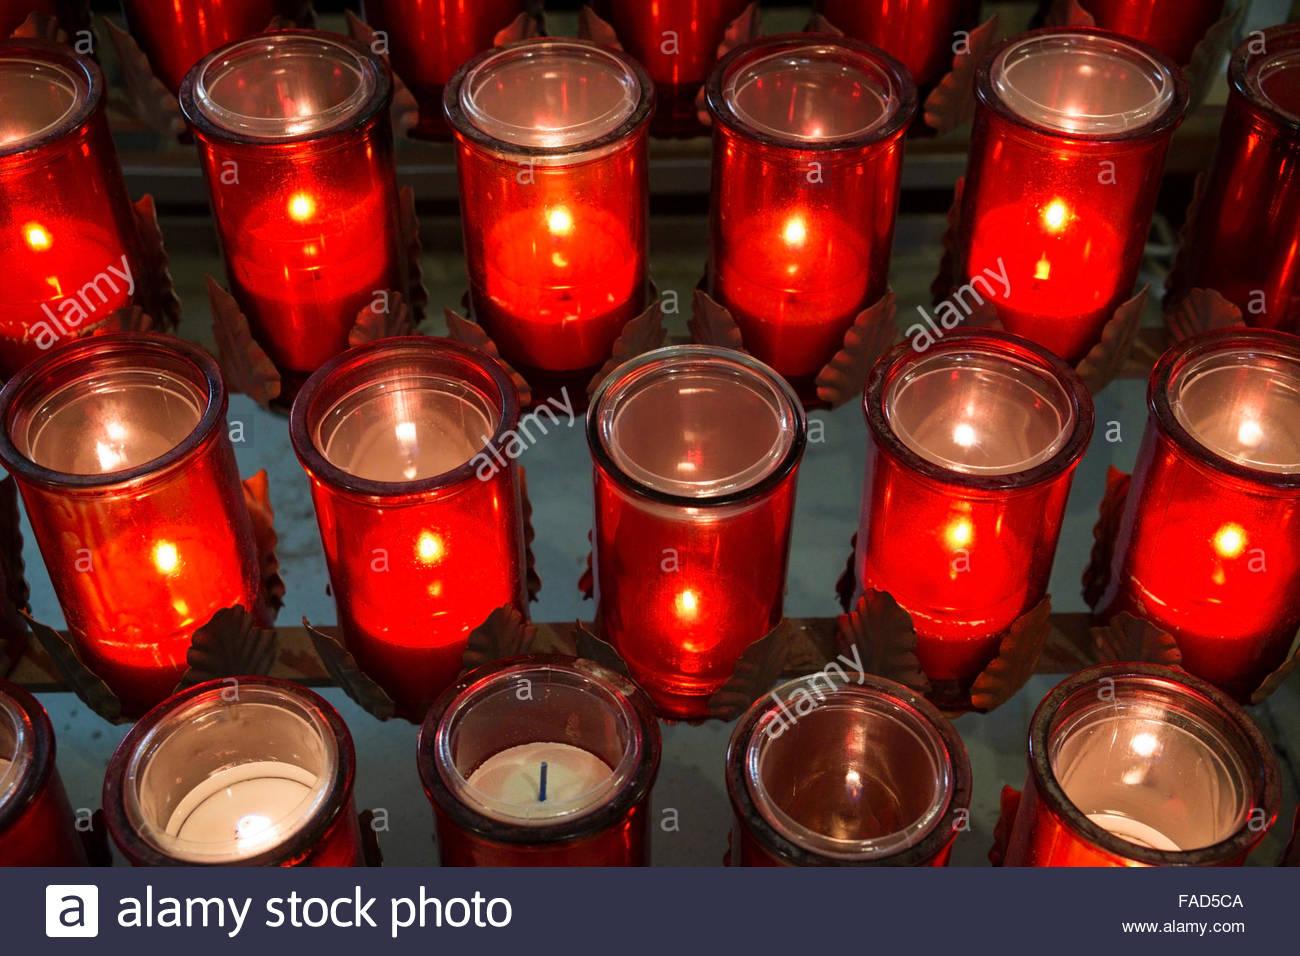 Devotion Candles Inside Église Saint-Roch Church, Quebec City, QC, Canada - Stock Image